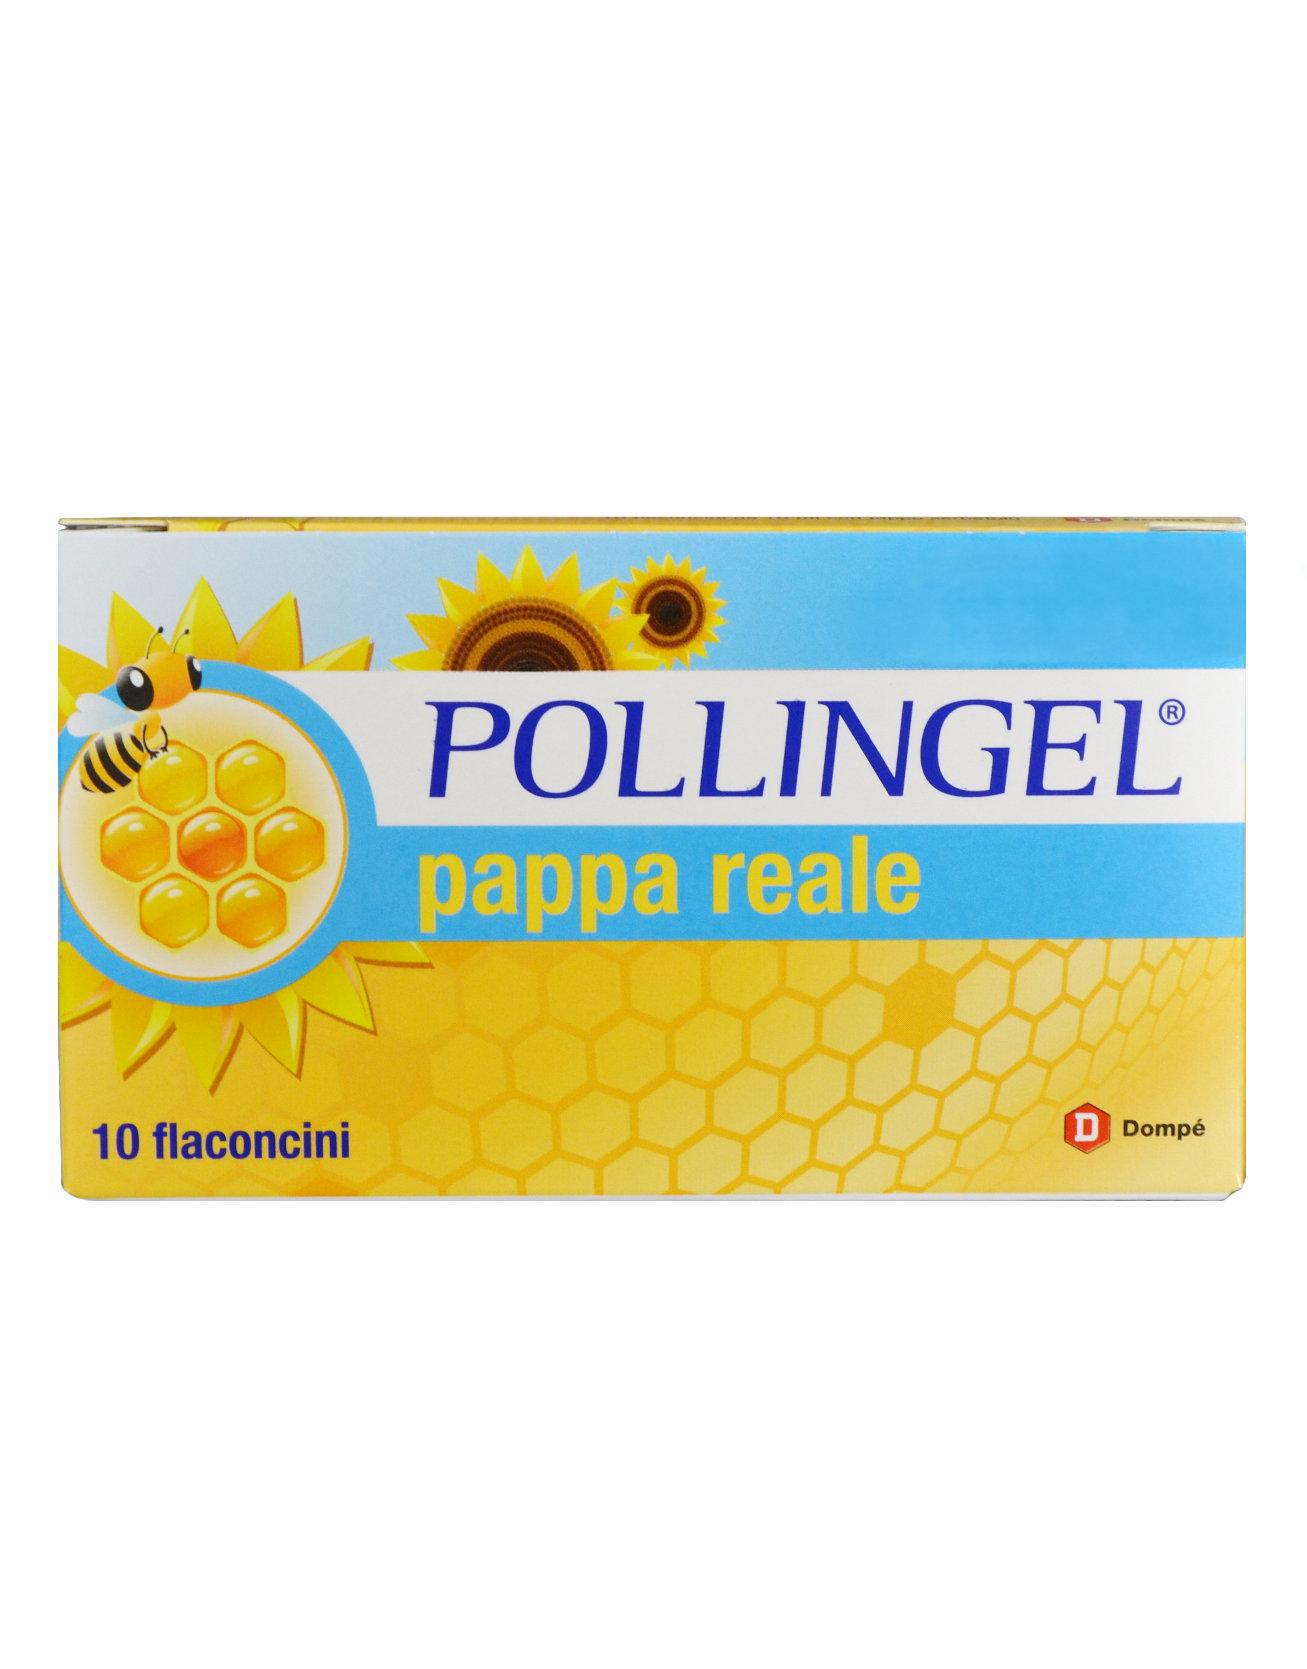 POLLINGEL PAPPA REALE 10 FLACONCINI POLLINE E PAPPA REALE IN CASO DI AFFATICAMENTO E CONVALESCENZA AUMENTA LE DIFESE IMMUNITARIE DELL' ORGANISMO.